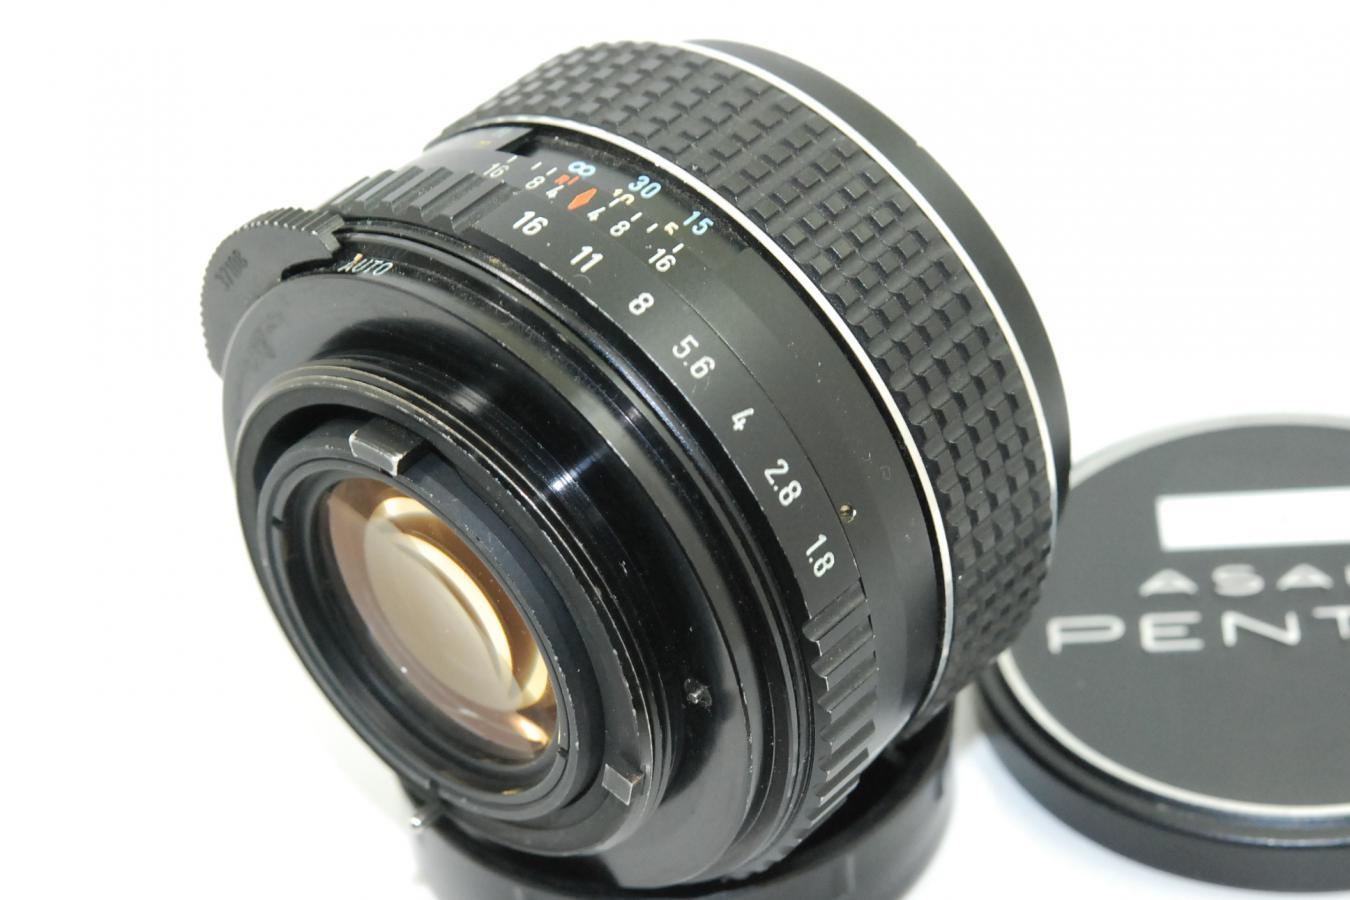 ペンタックス SMC TAKUMAR 55mm F1.8 【カメラ女子に絶大な人気のオールドレンズ M42マウントレンズ】